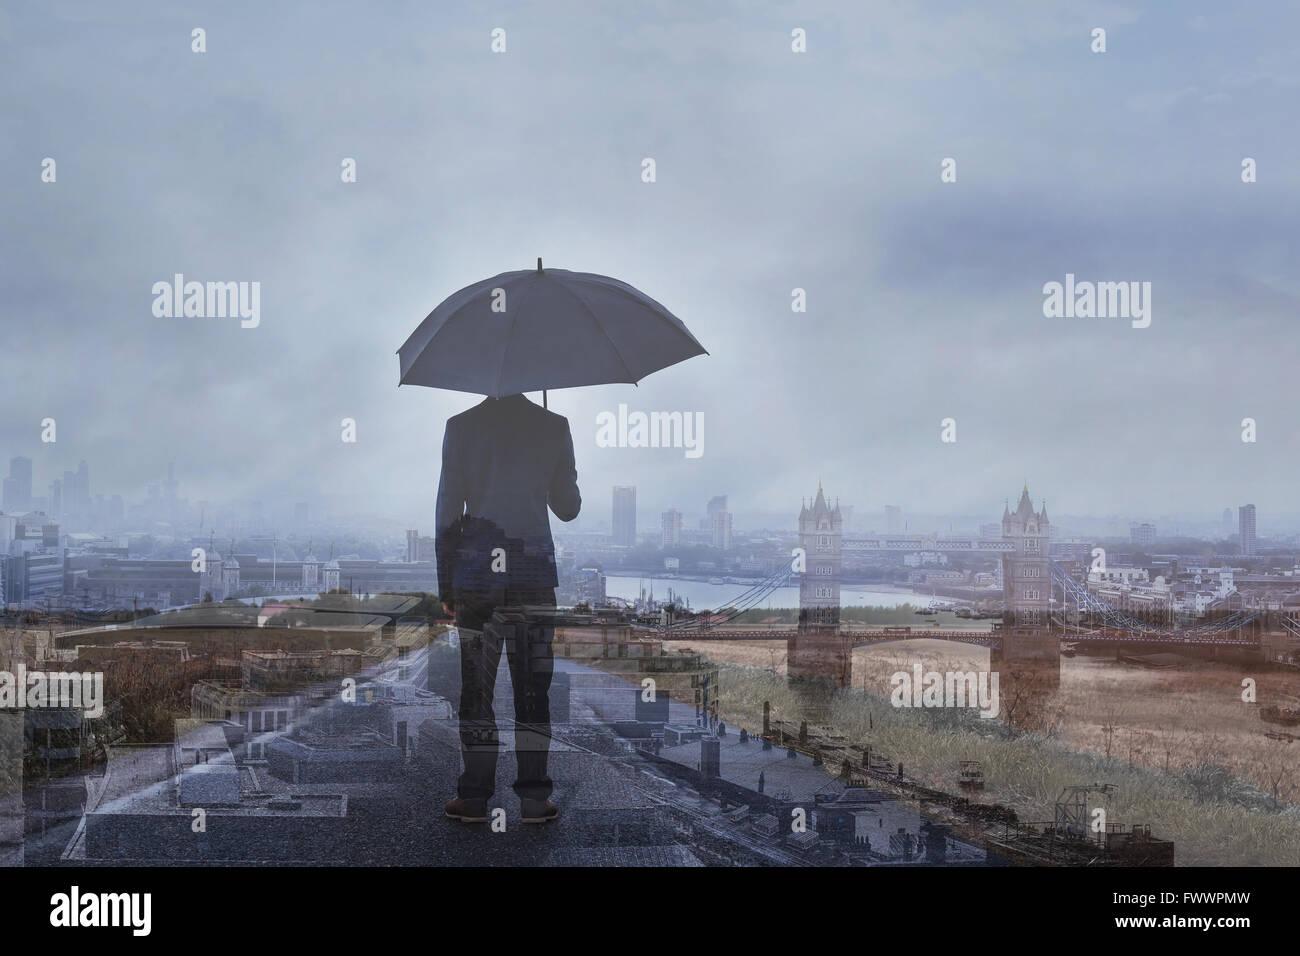 Doppelbelichtung Foto der Geschäftsmann mit Sonnenschirm und Skyline von London, Panoramablick über die Stockbild